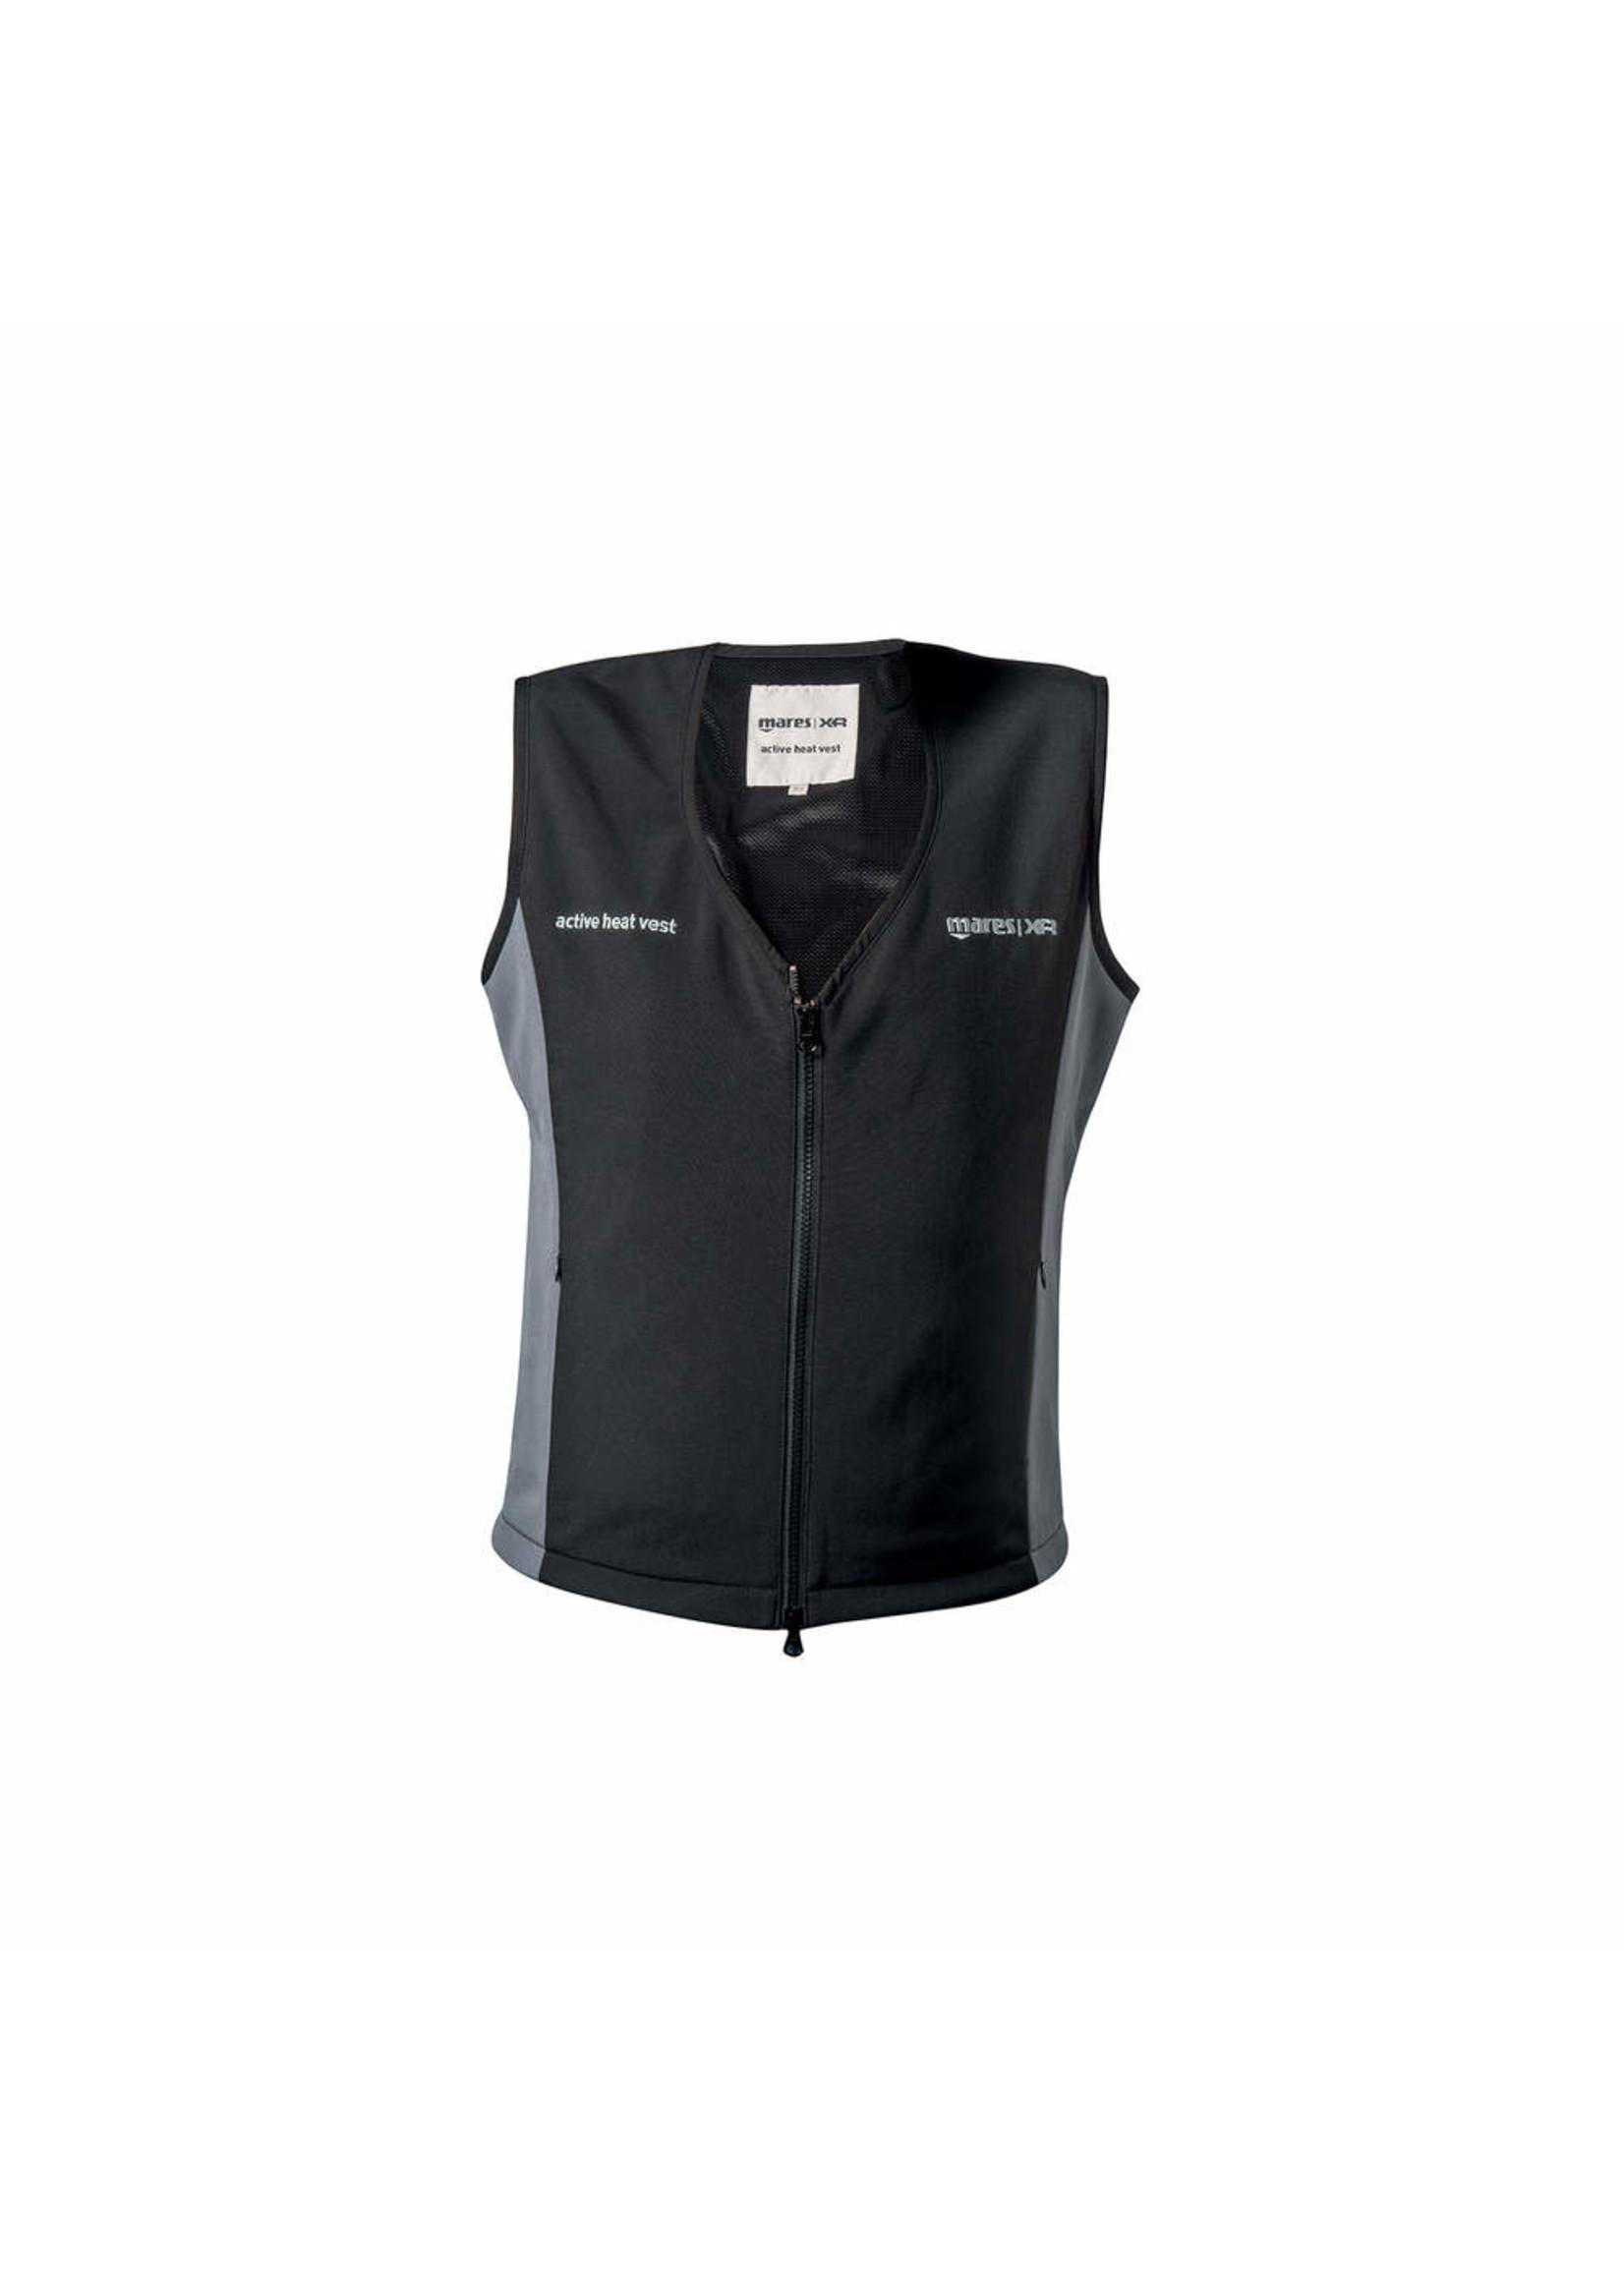 Mares Mares Active Heating Vest